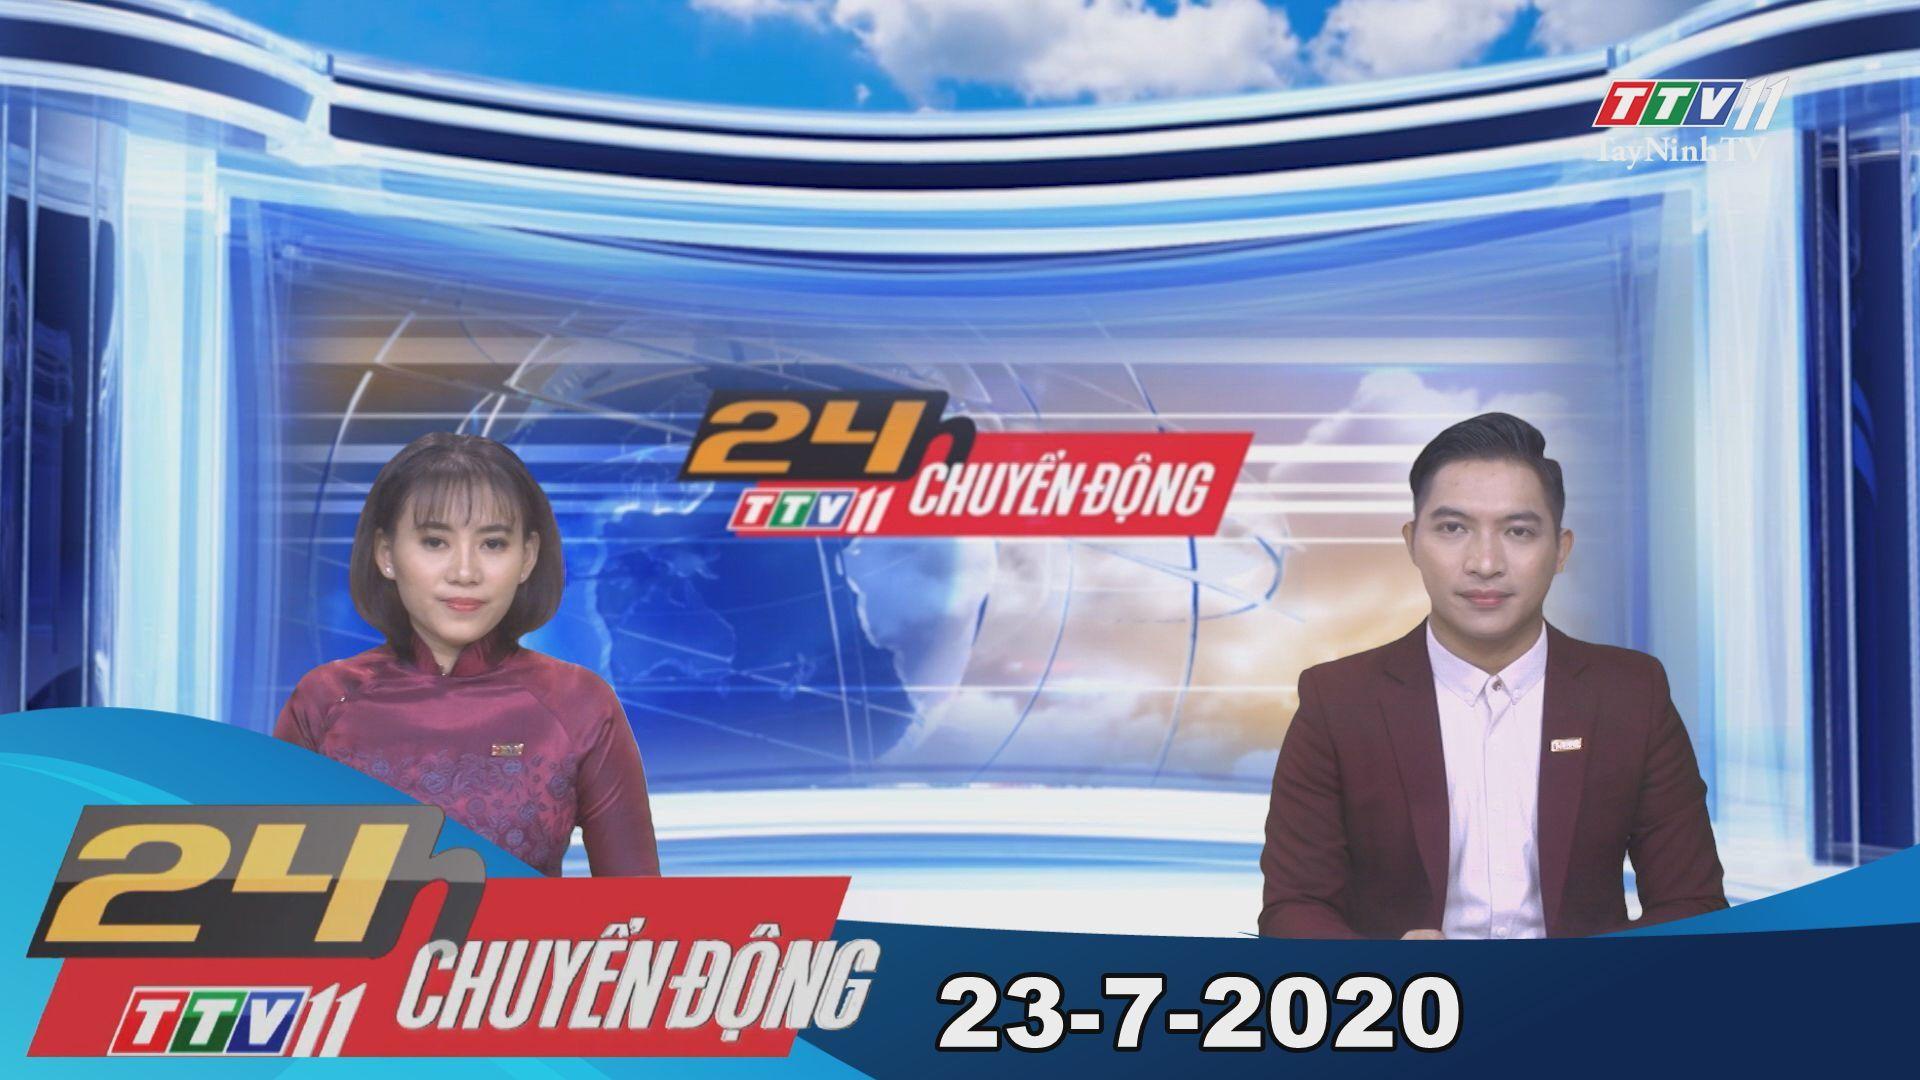 24h Chuyển động 23-7-2020 | Tin tức hôm nay | TayNinhTV